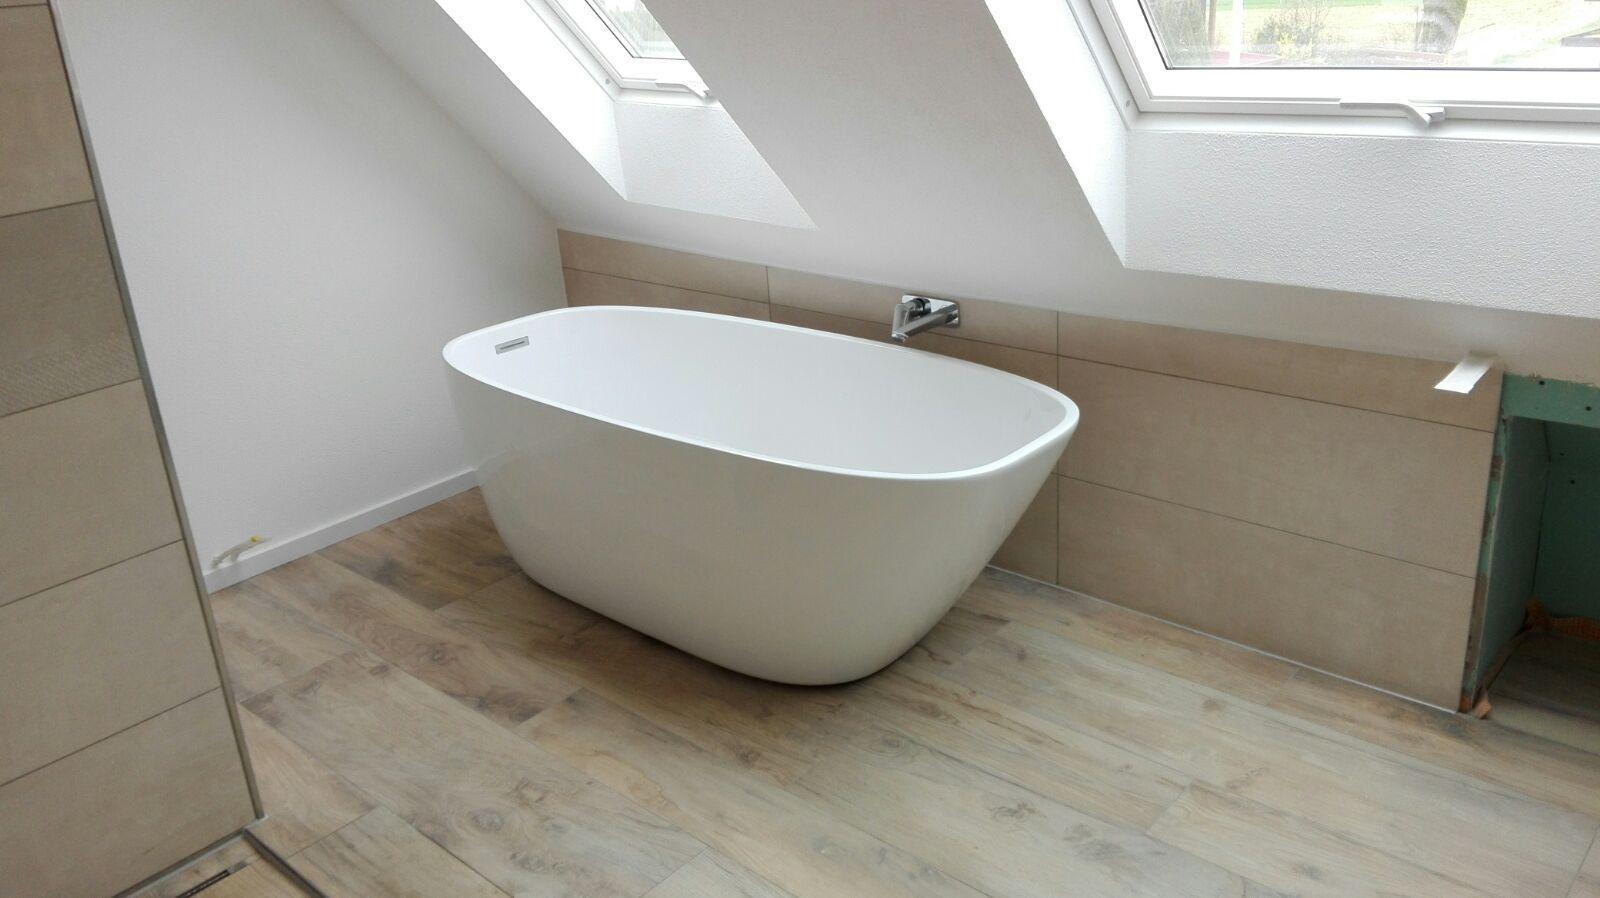 Bathroom Idea Attic Room Small Space Badezimmer Idee Dachschrage Klein Renovierung Freistehende Badewanne Badezimmer Badezimmer Klein Freistehende Badewanne